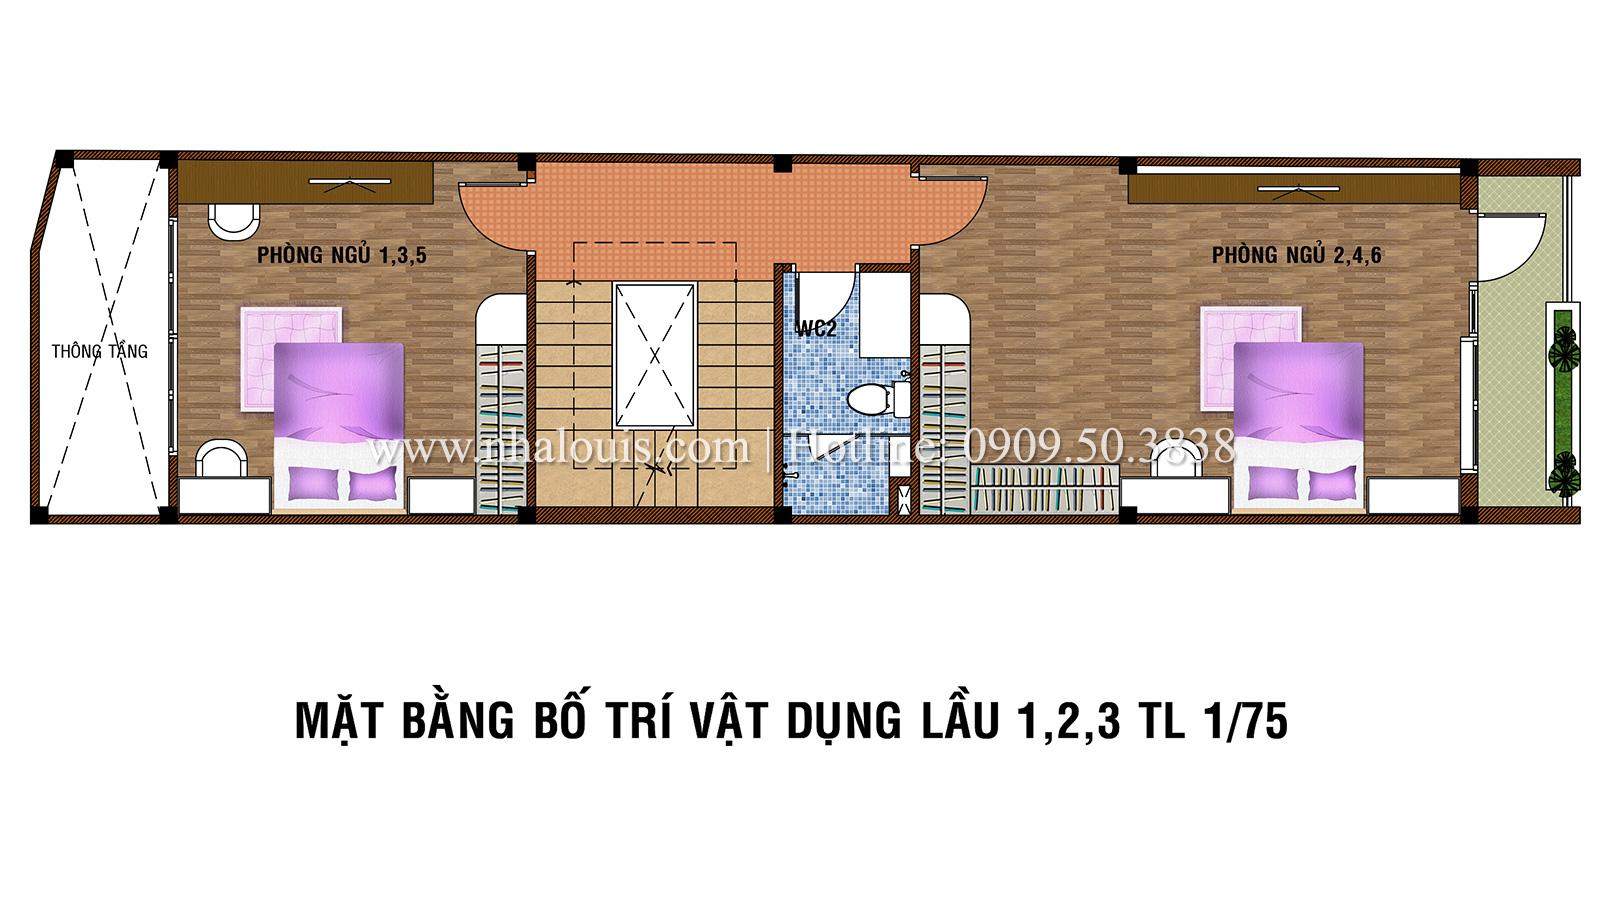 Mẫu nhà phố 5 tầng ở Tân Phú với phong cách hiện đại tinh tế - 04